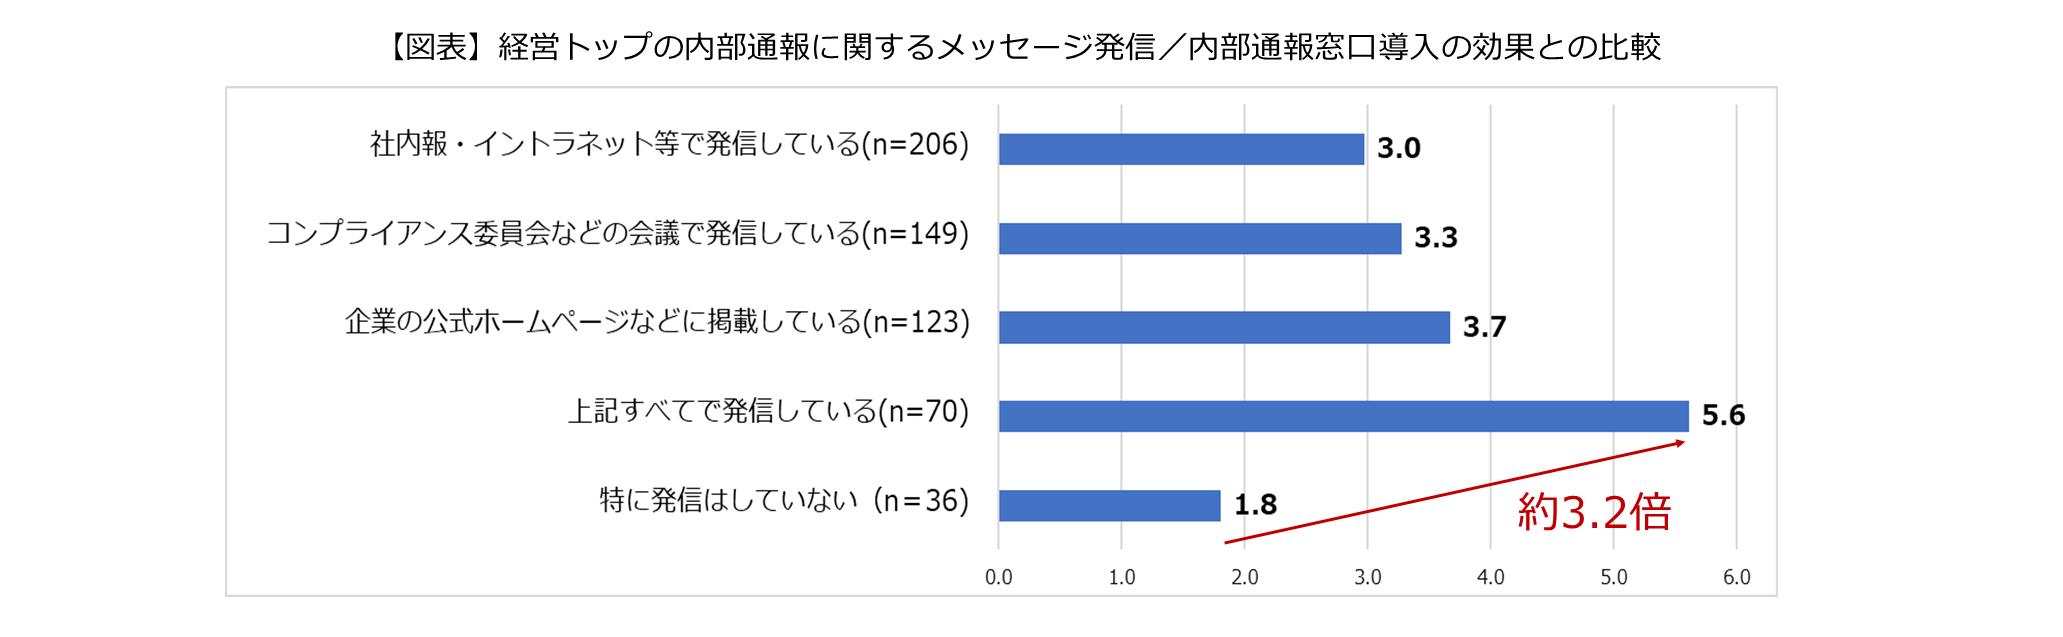 経営トップの内部通報に関するメッセージ発信/内部通報窓口導入の効果との比較のグラフ